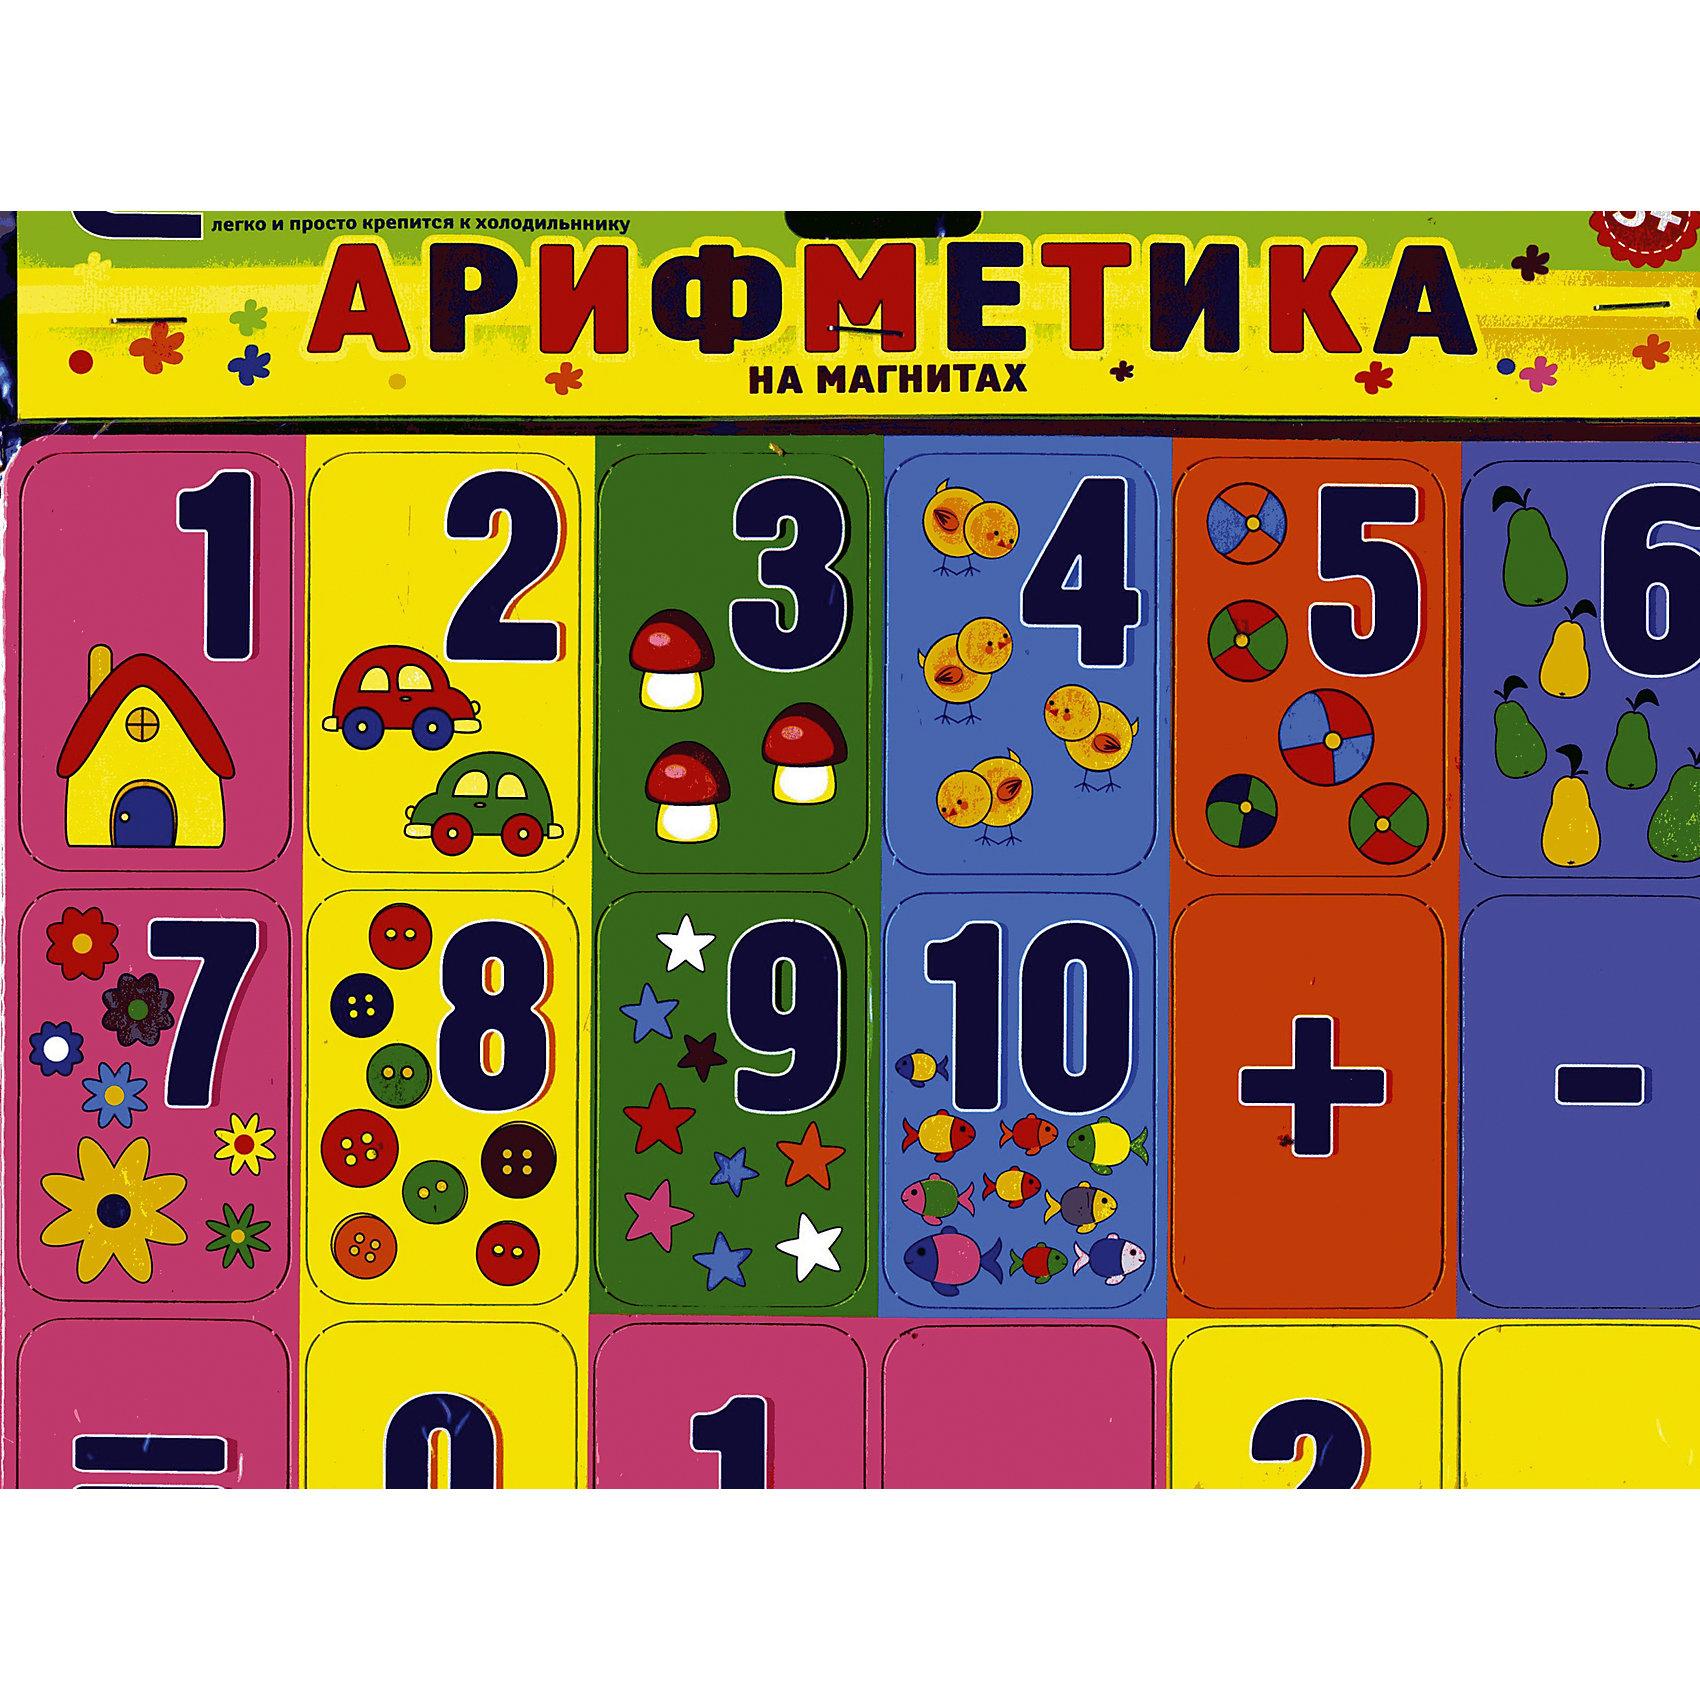 Арифметика на магнитахПредлагаем вашему вниманию арифметику на магнитах. С помощью цифр на магнитах, детям будет легко запомнить числа, а так же магниты легко и просто крепятся к холодильнику. <br><br>Дополнительная информация:<br><br>- Художник: Денисова Л. И.<br>- Материал: картон.<br>- Размер: 30х27 см. <br>- Иллюстрации: цветные.<br><br>Набор Арифметика на магнитах можно купить в нашем магазине.<br><br>Ширина мм: 290<br>Глубина мм: 1<br>Высота мм: 264<br>Вес г: 180<br>Возраст от месяцев: 12<br>Возраст до месяцев: 72<br>Пол: Унисекс<br>Возраст: Детский<br>SKU: 4522297